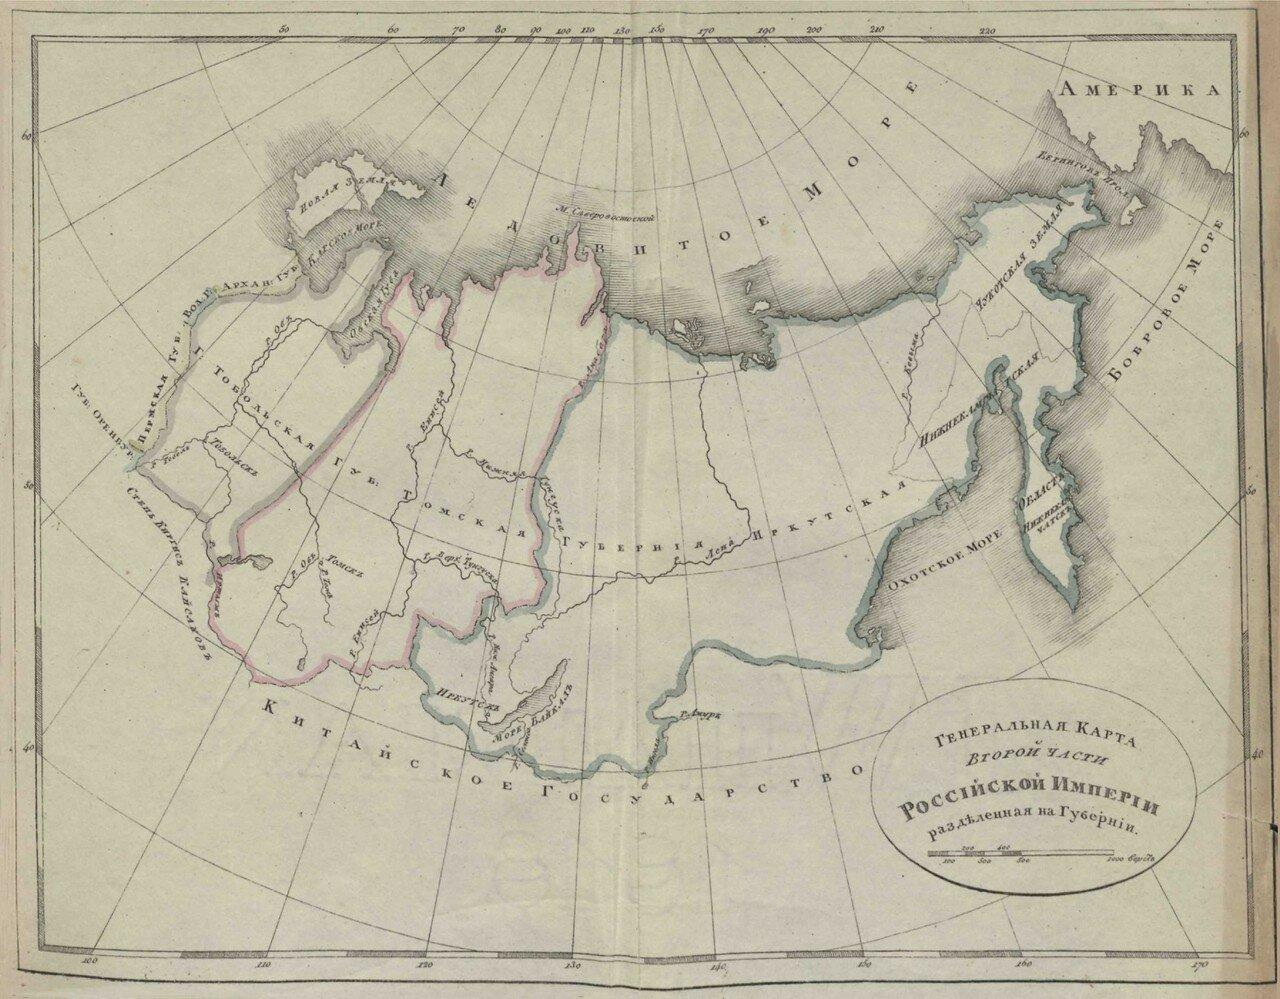 38. Генеральная карта второй части Российской Империи, разделенная на губернии